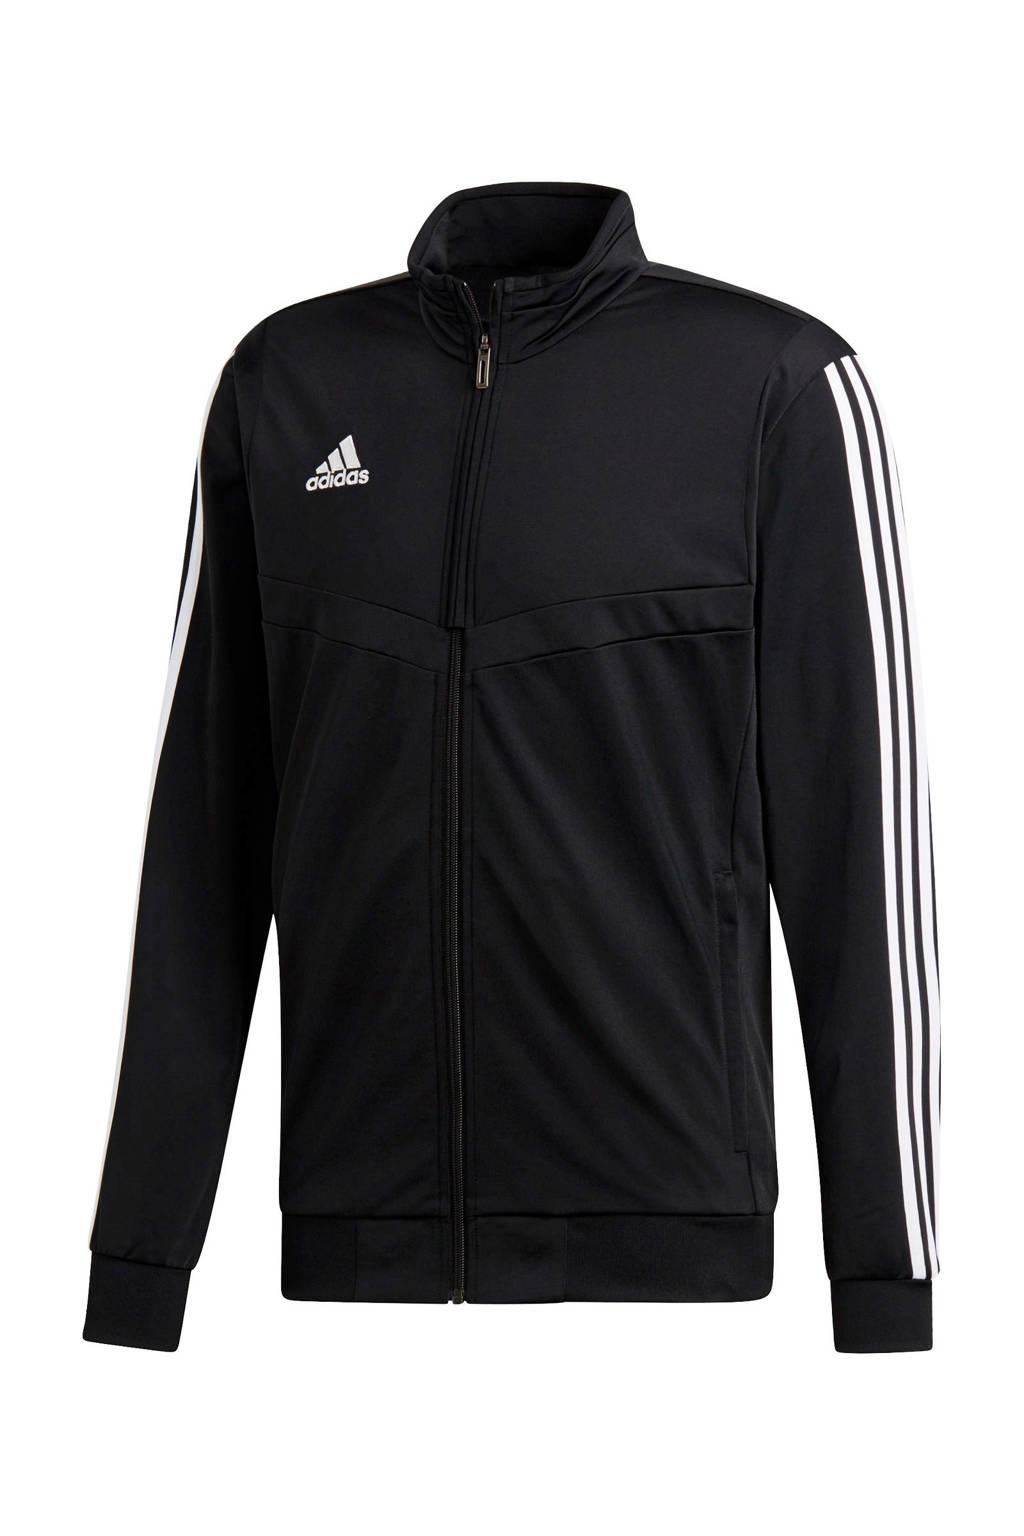 adidas performance   vest zwart, Zwart/wit